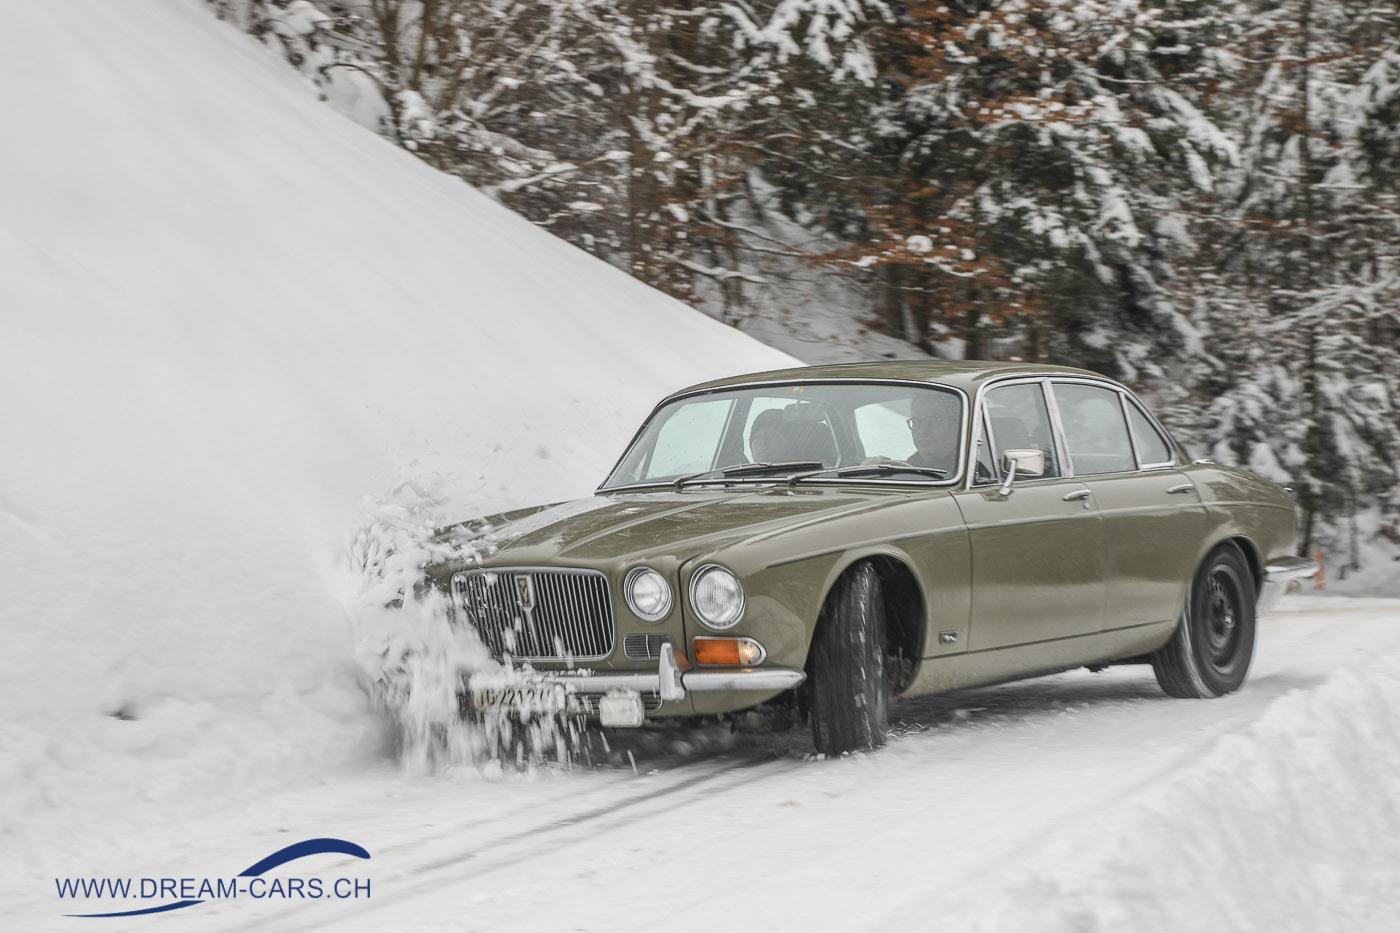 Jaguar XJ 12 auf Schnee und Eis